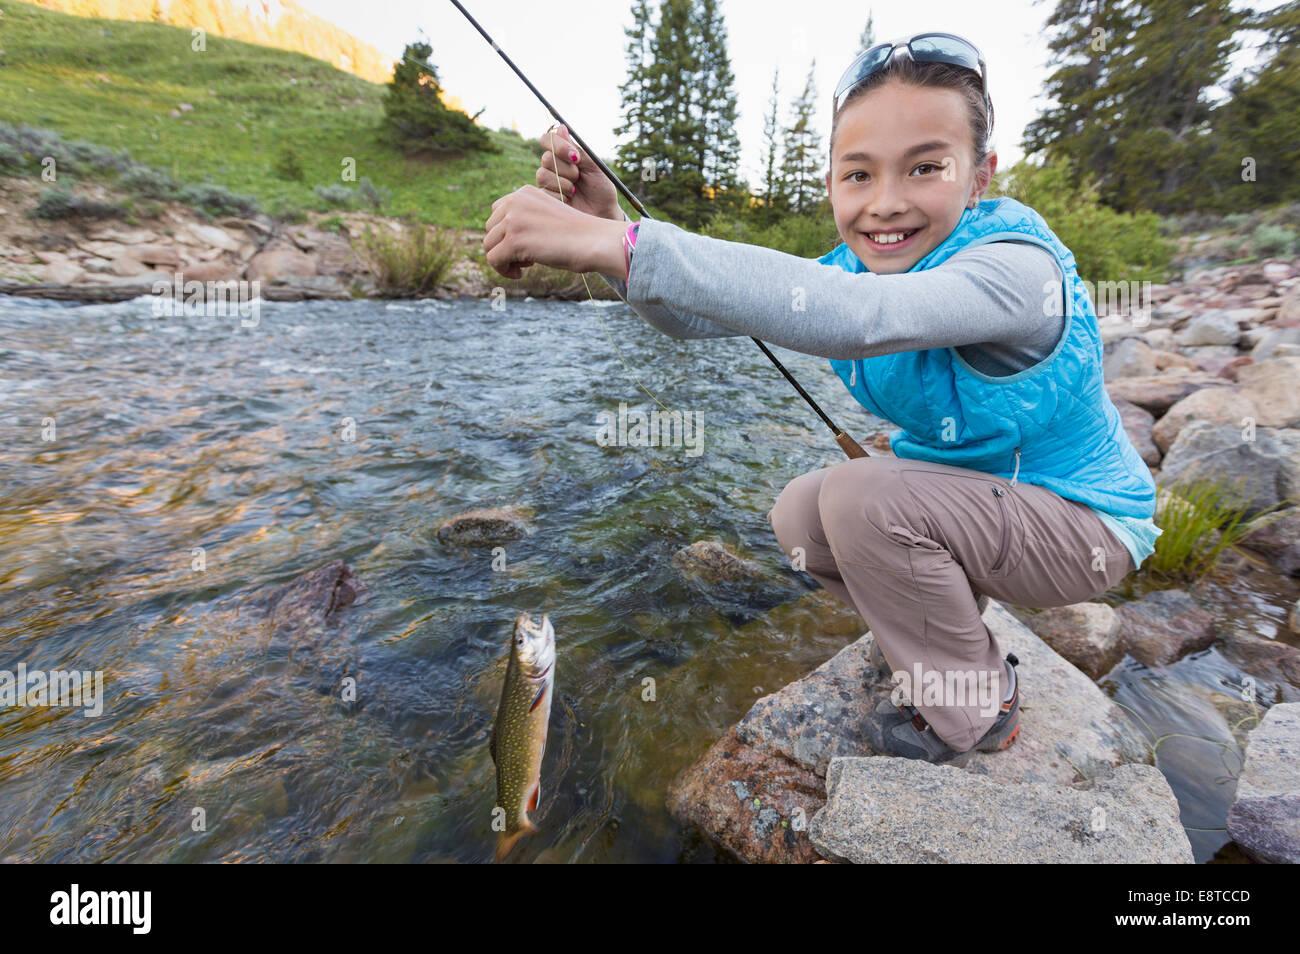 Gemischte Rassen Mädchen Angeln im Fluss Stockfoto